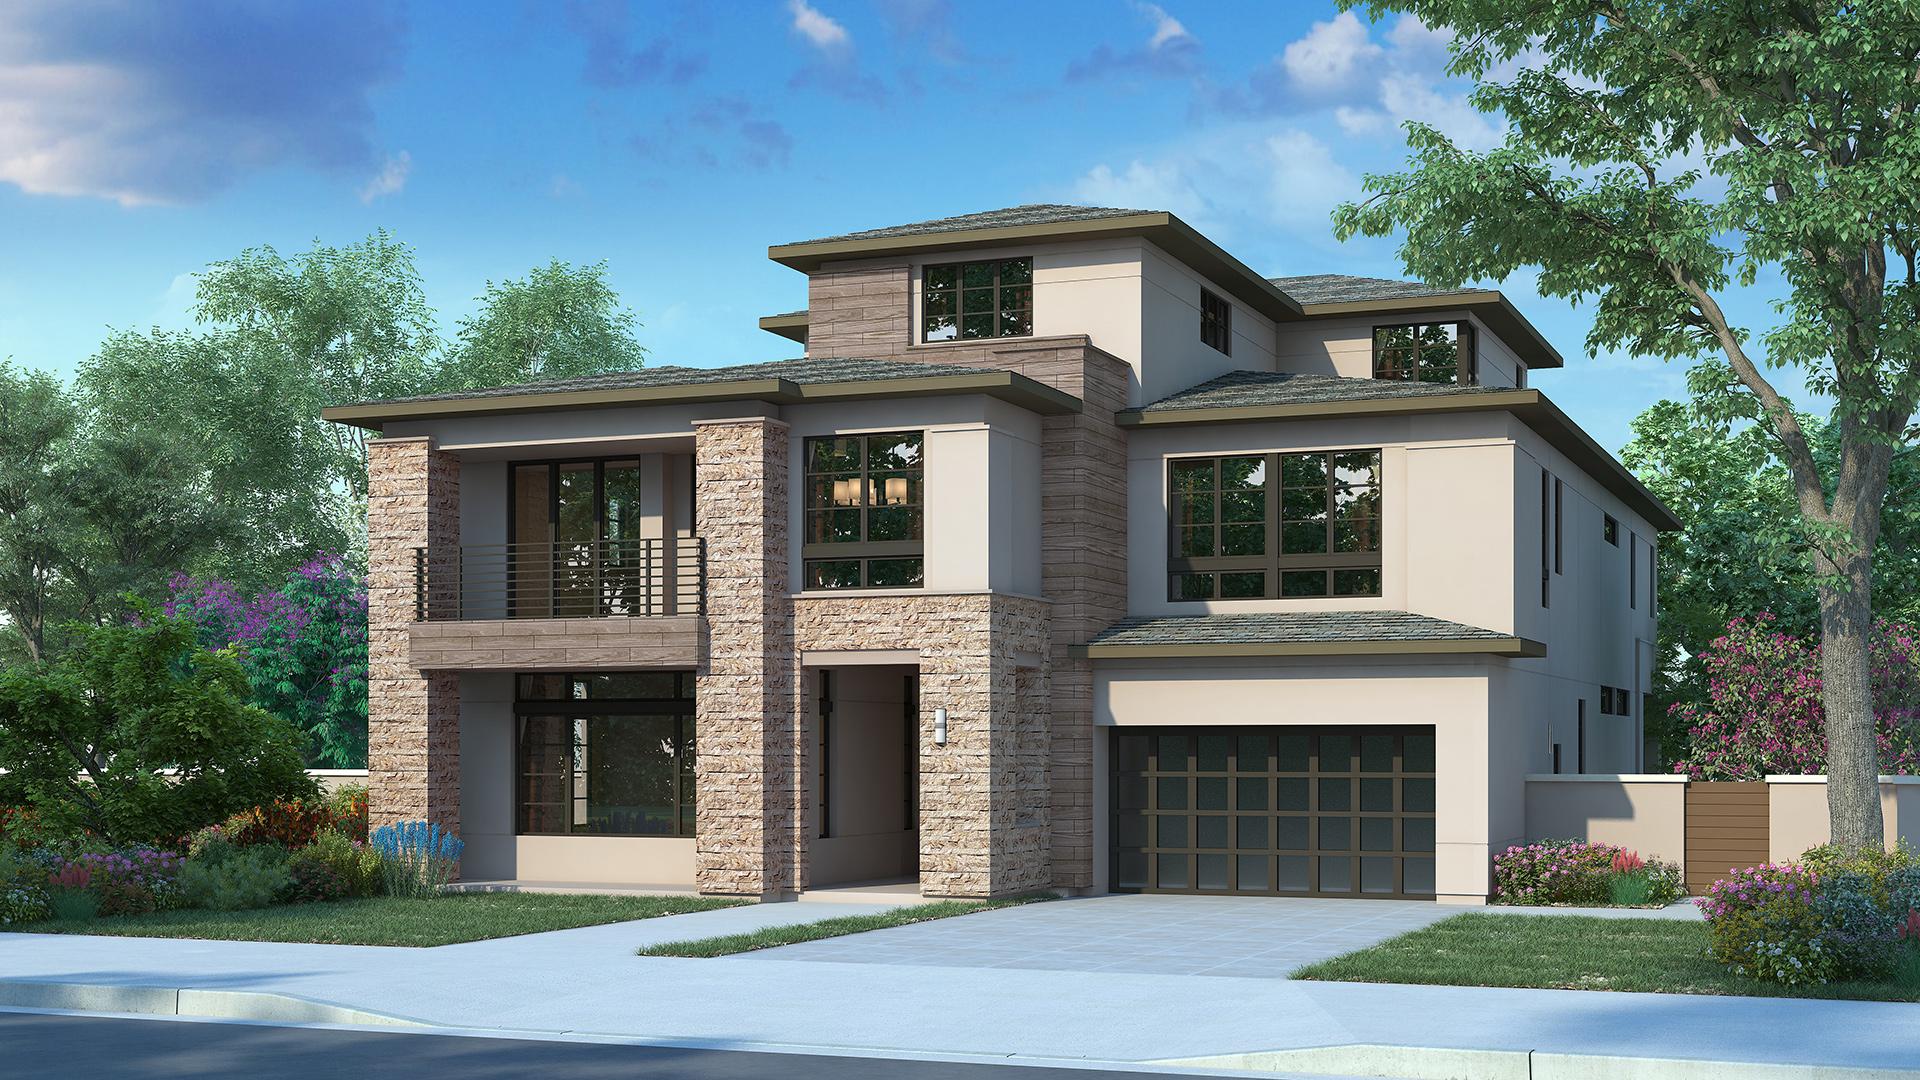 alara at altair the soleil elite home design